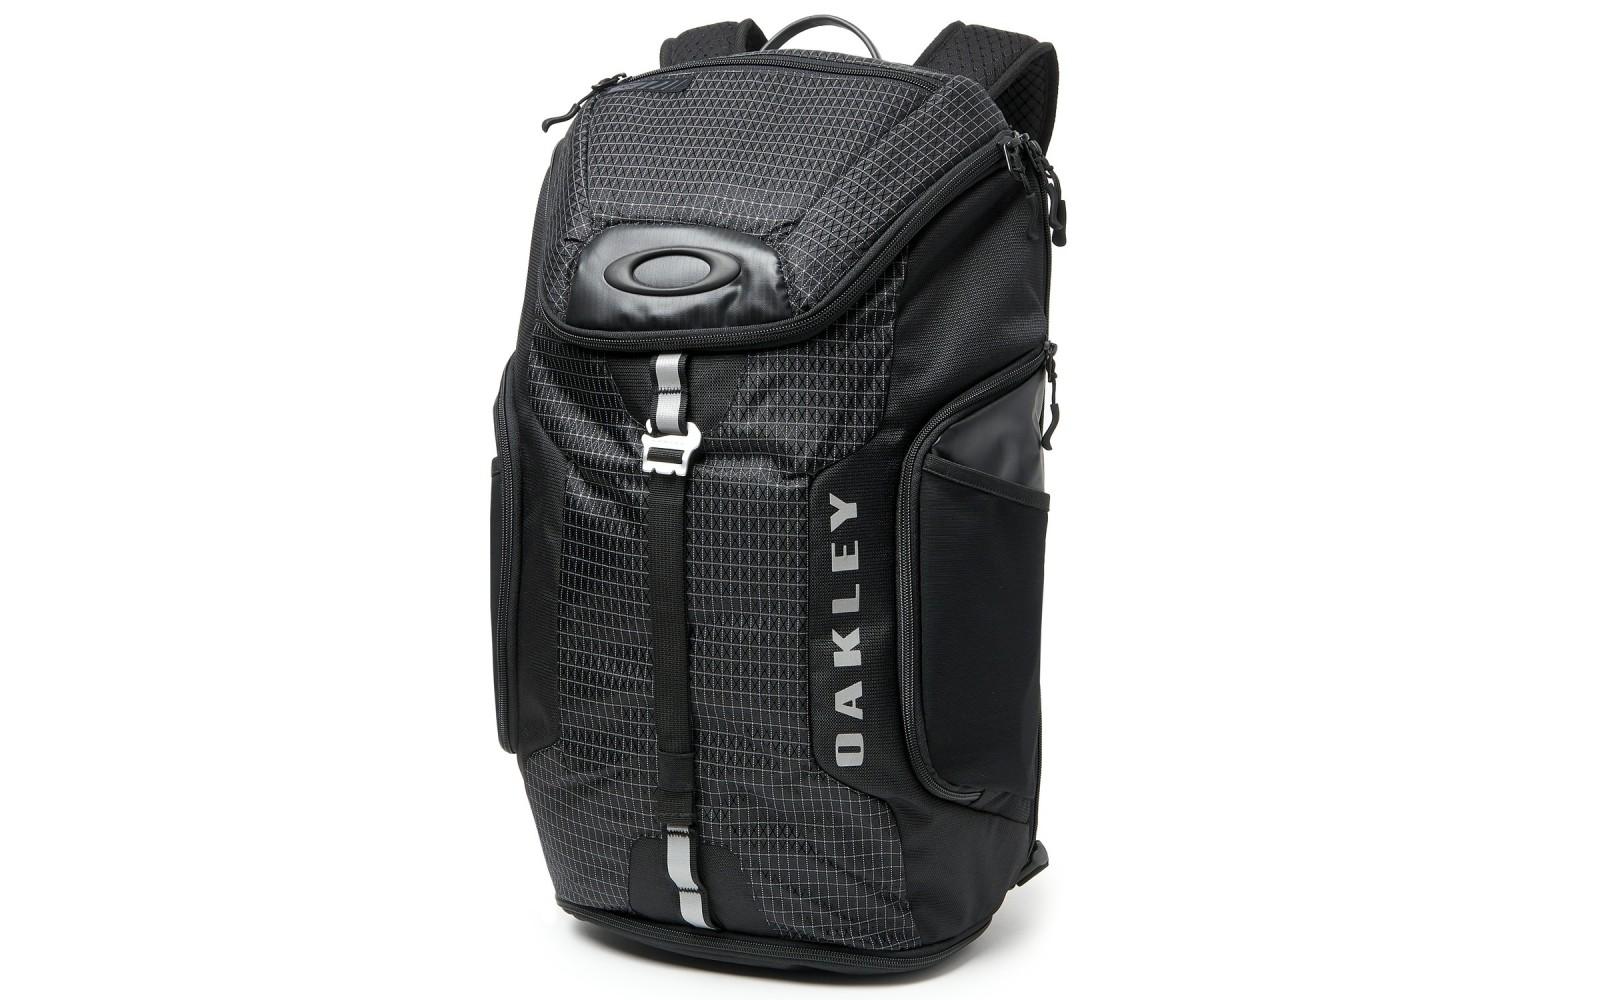 Oakley Link Backpack - Jet Black - 92910-01K Rugzak